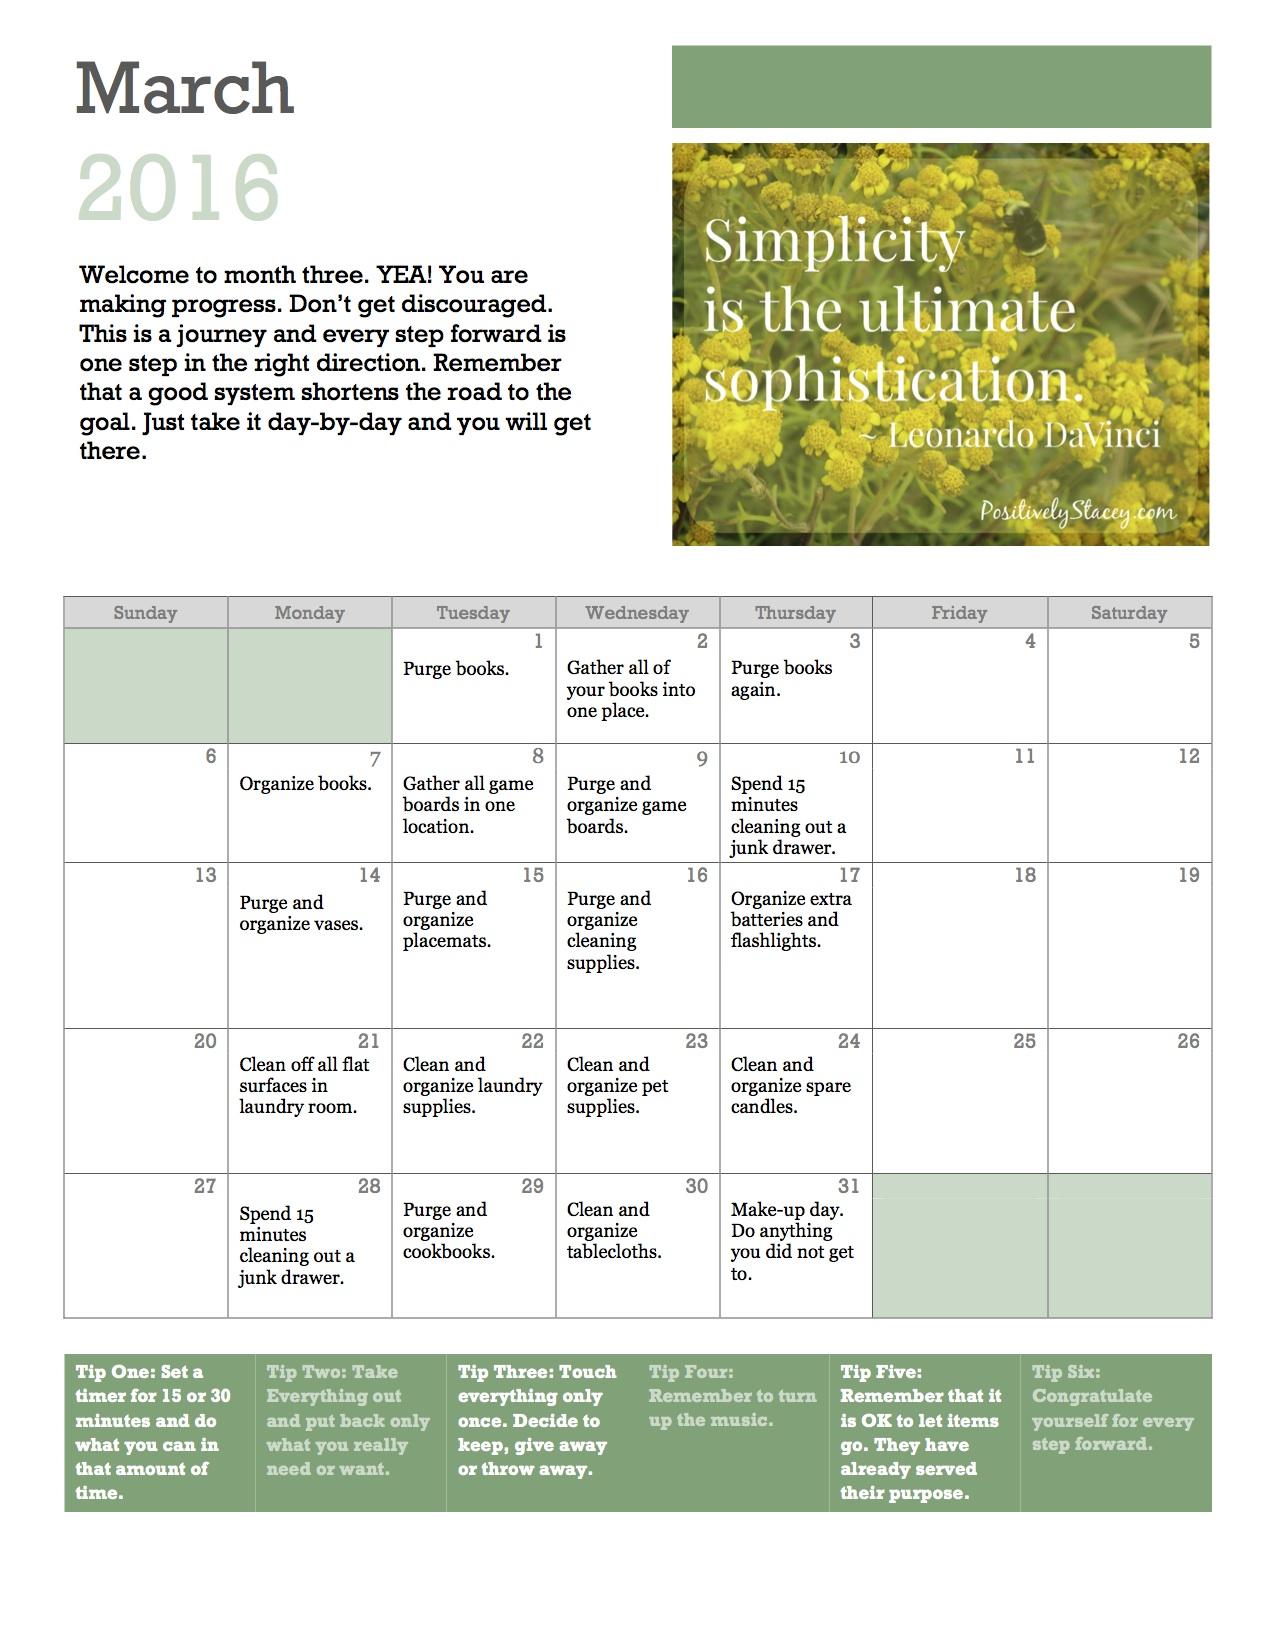 Getting Organized! Home Organization Plan March Calendar